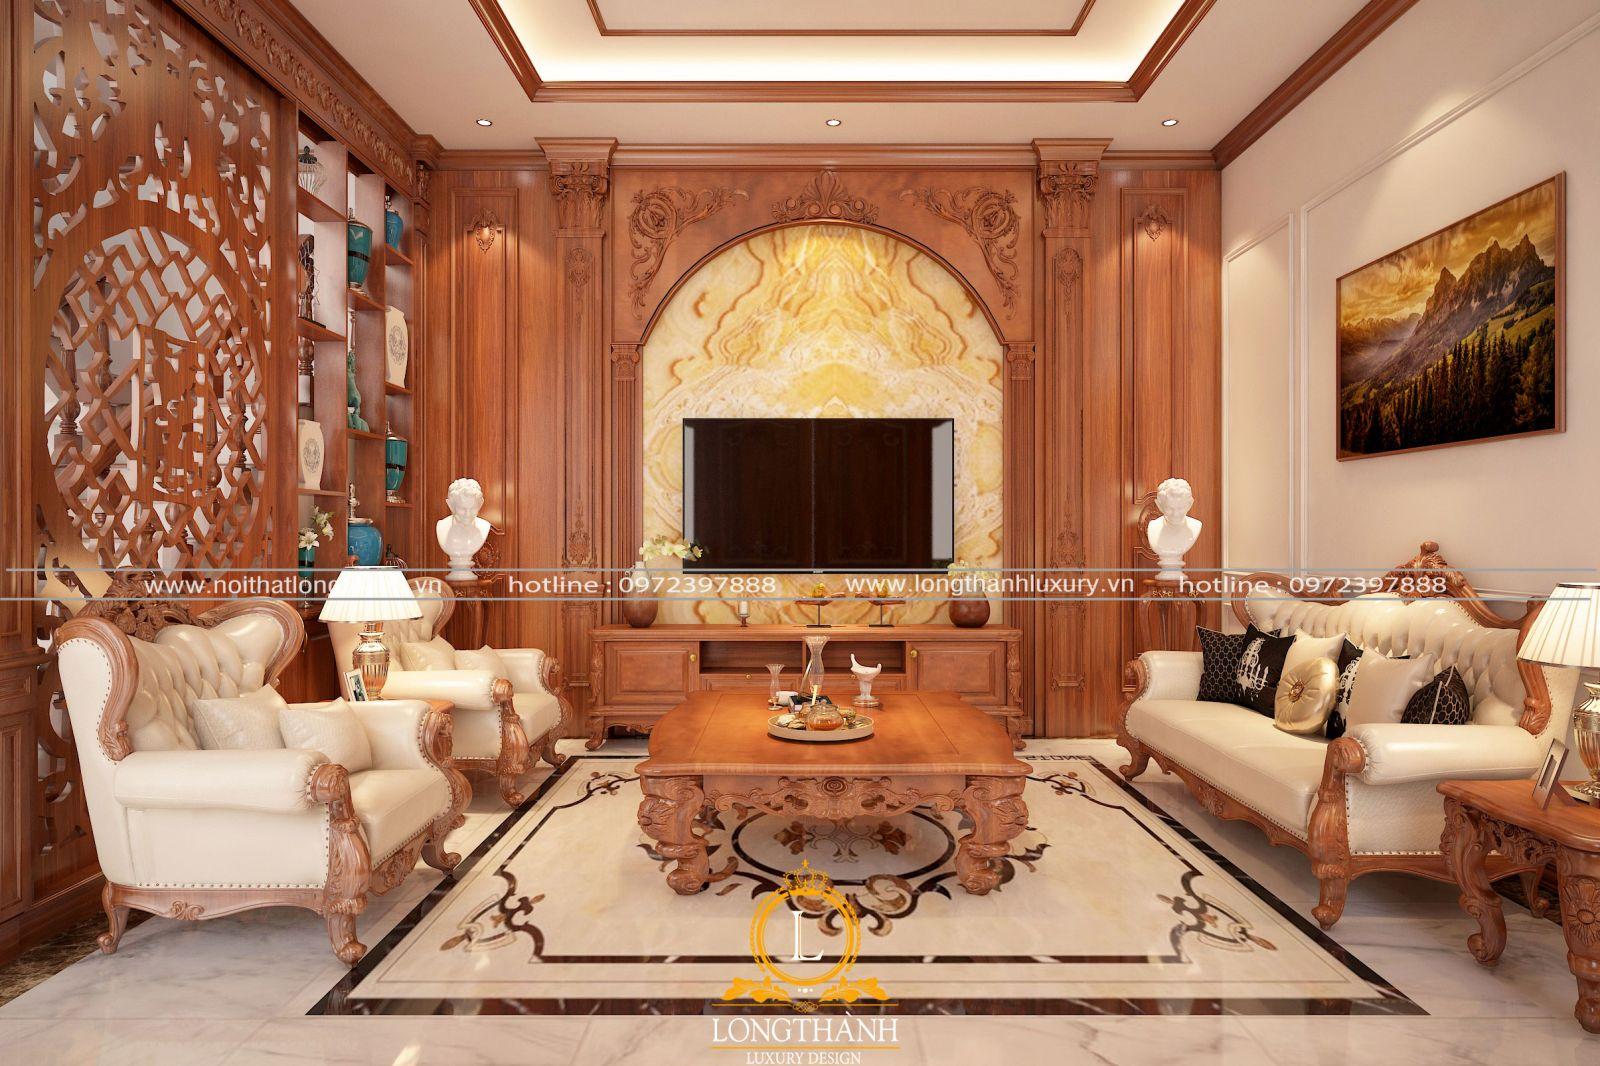 Các phong cách thiết kế đẹp cho phòng khách nhà biệt thự